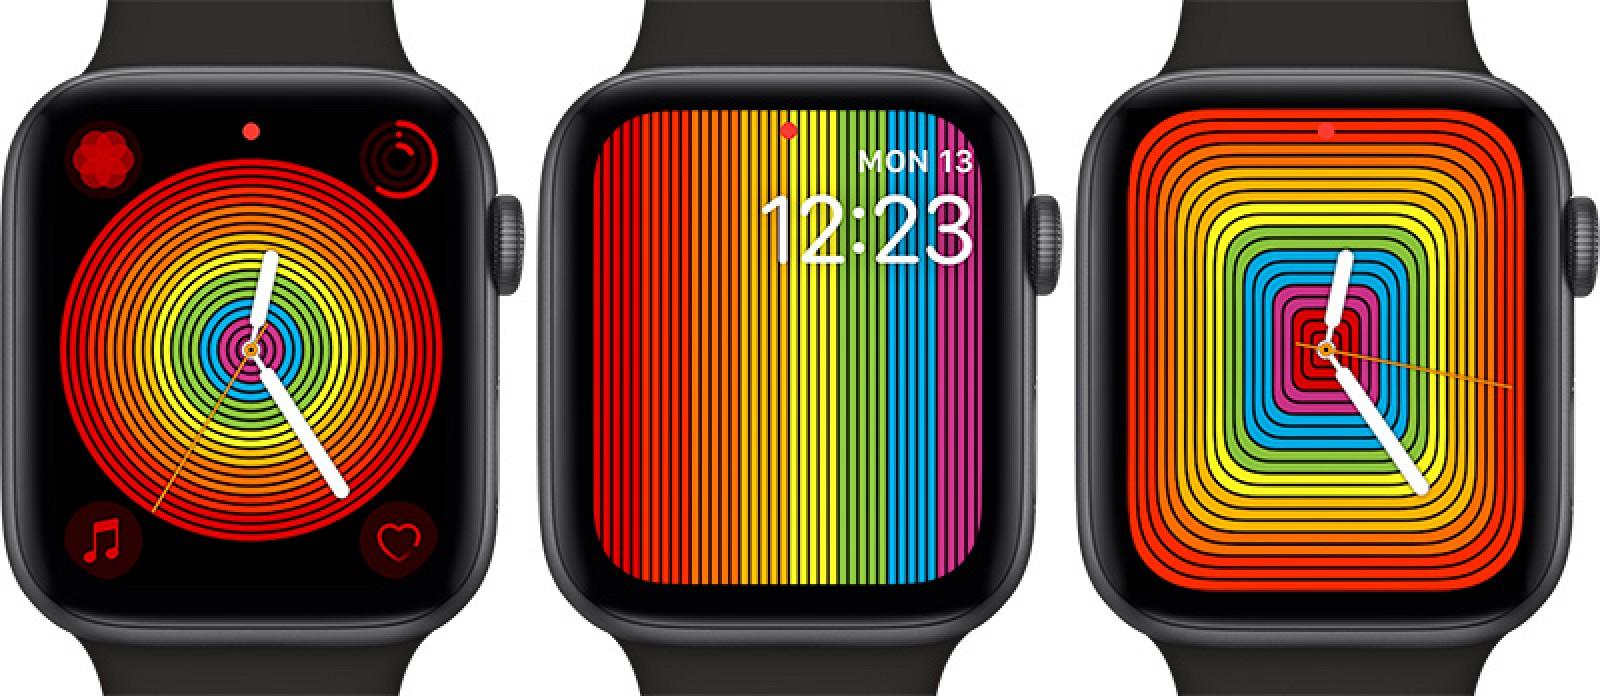 """Apple Watch gets New Version of """"Pride"""" Display in watchOS 5.2.1"""